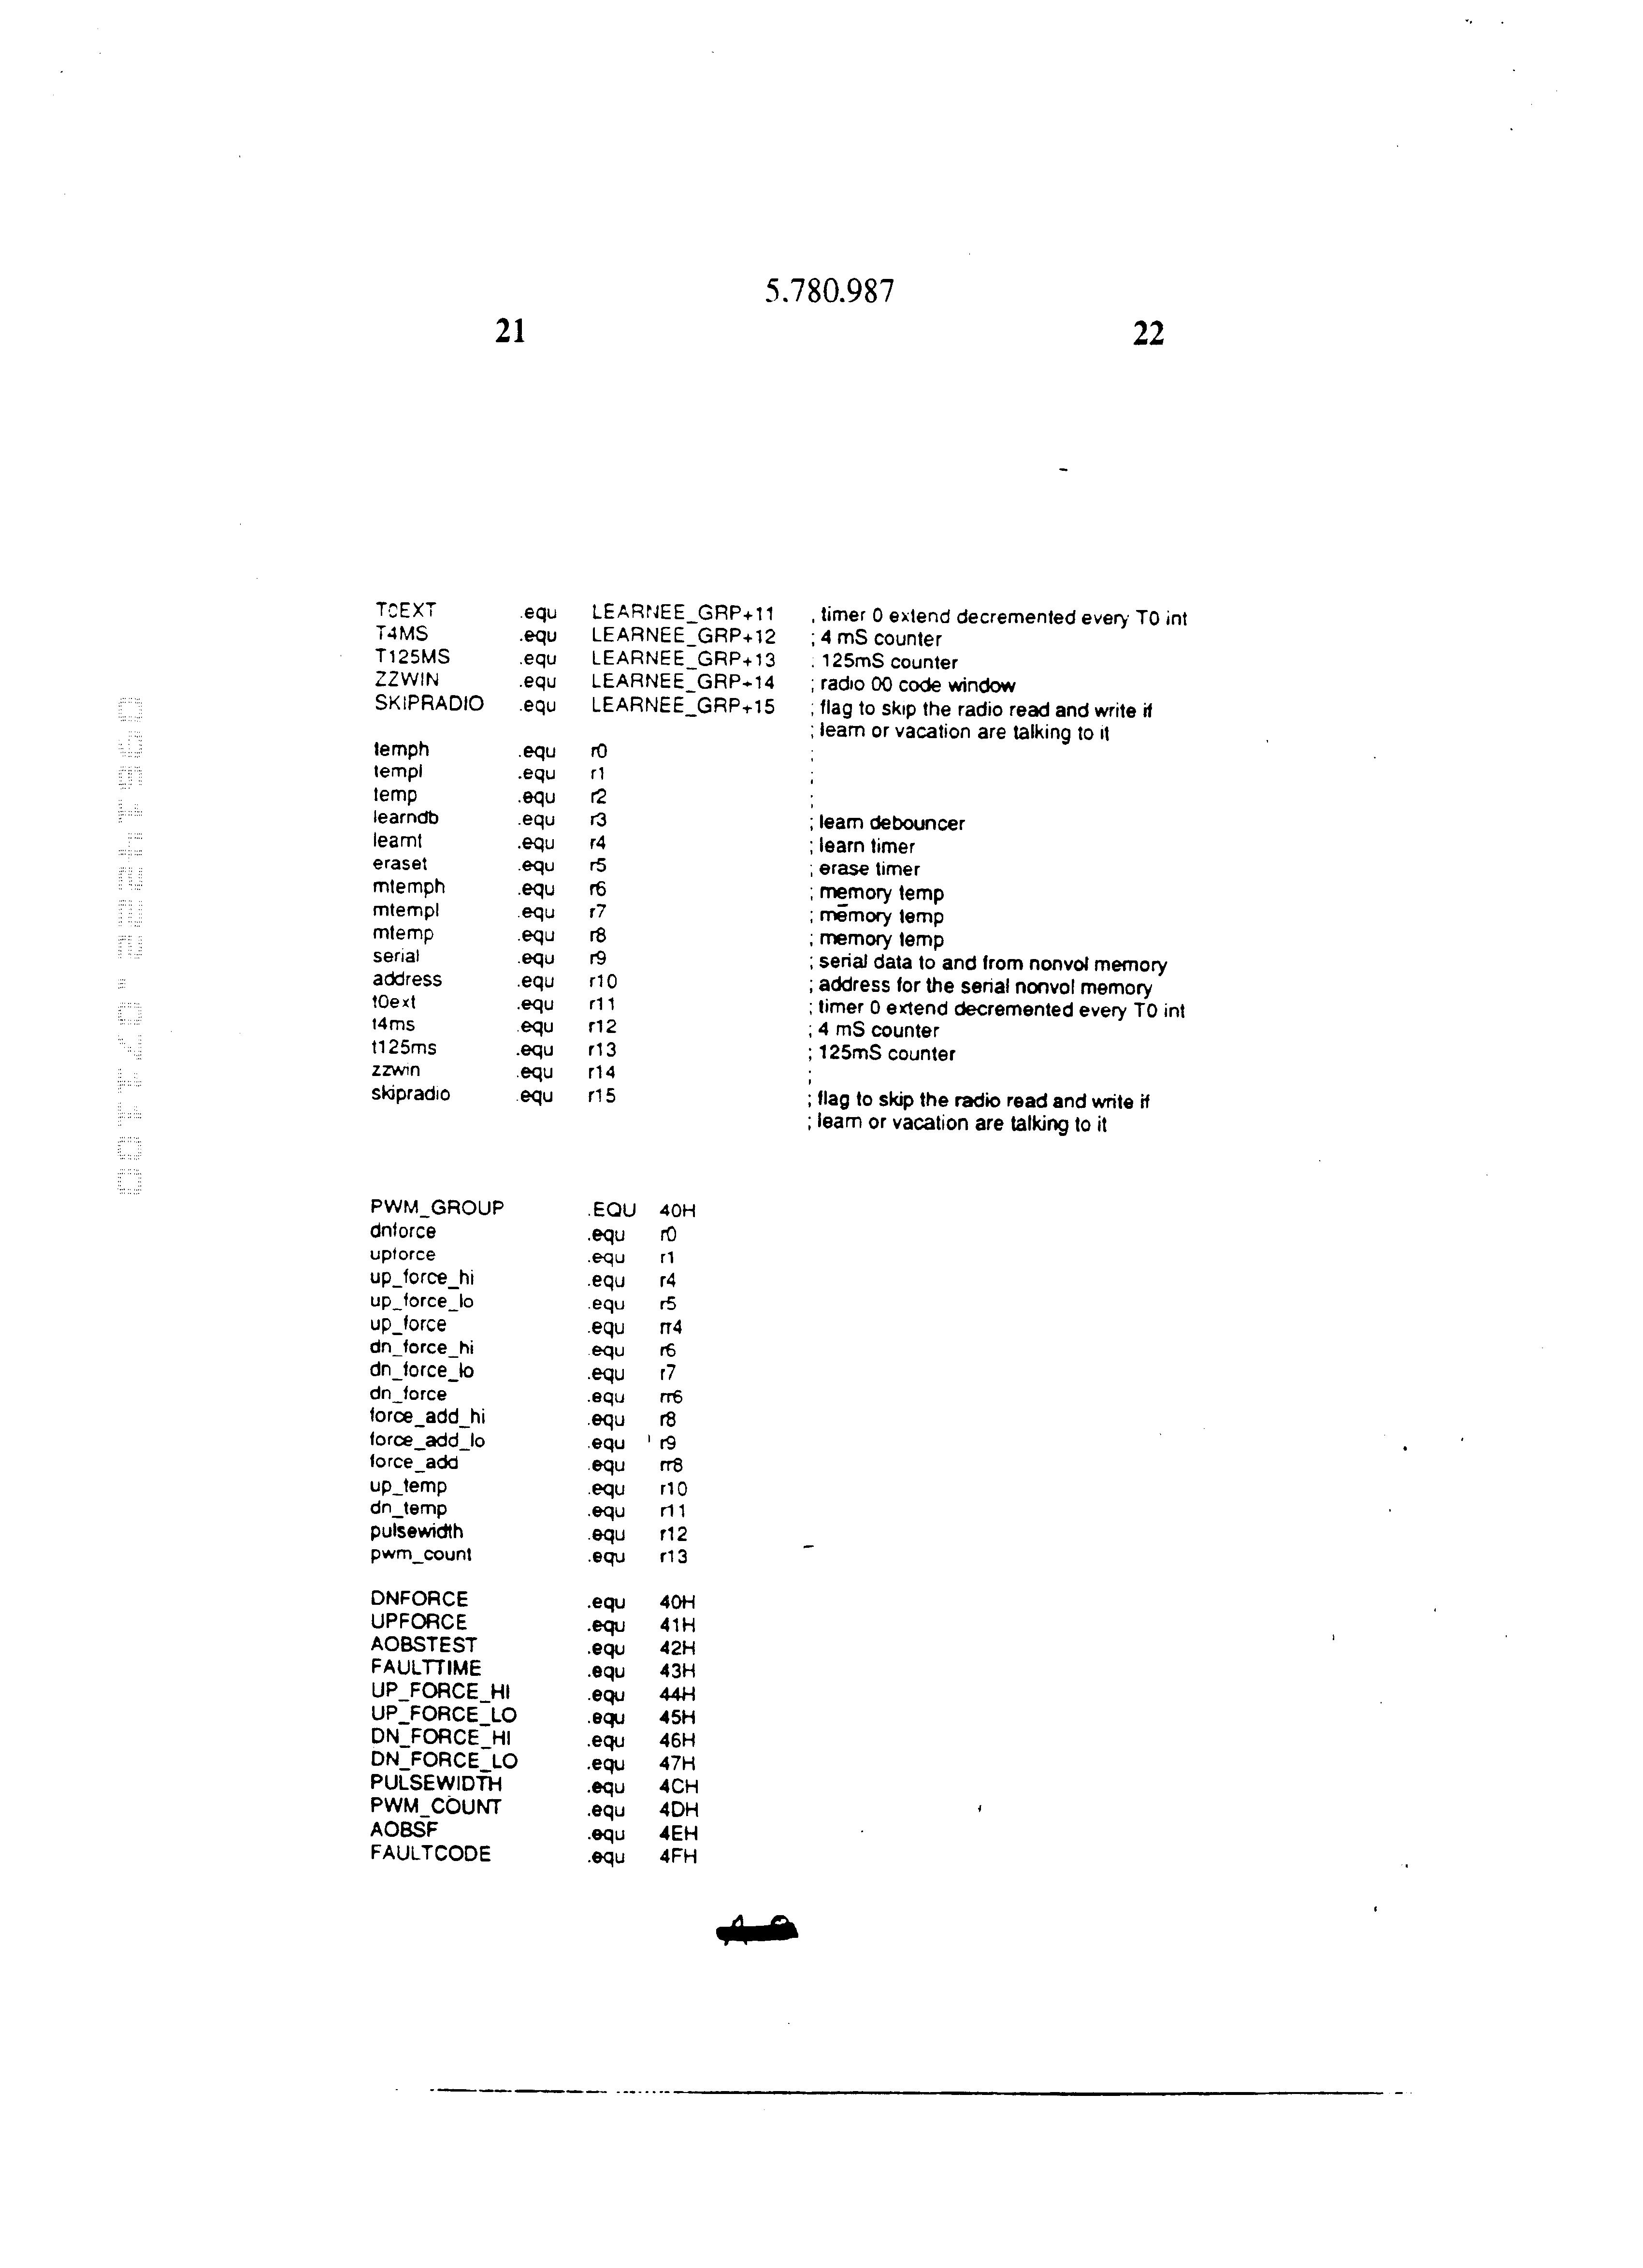 Figure USRE037784-20020709-P00008